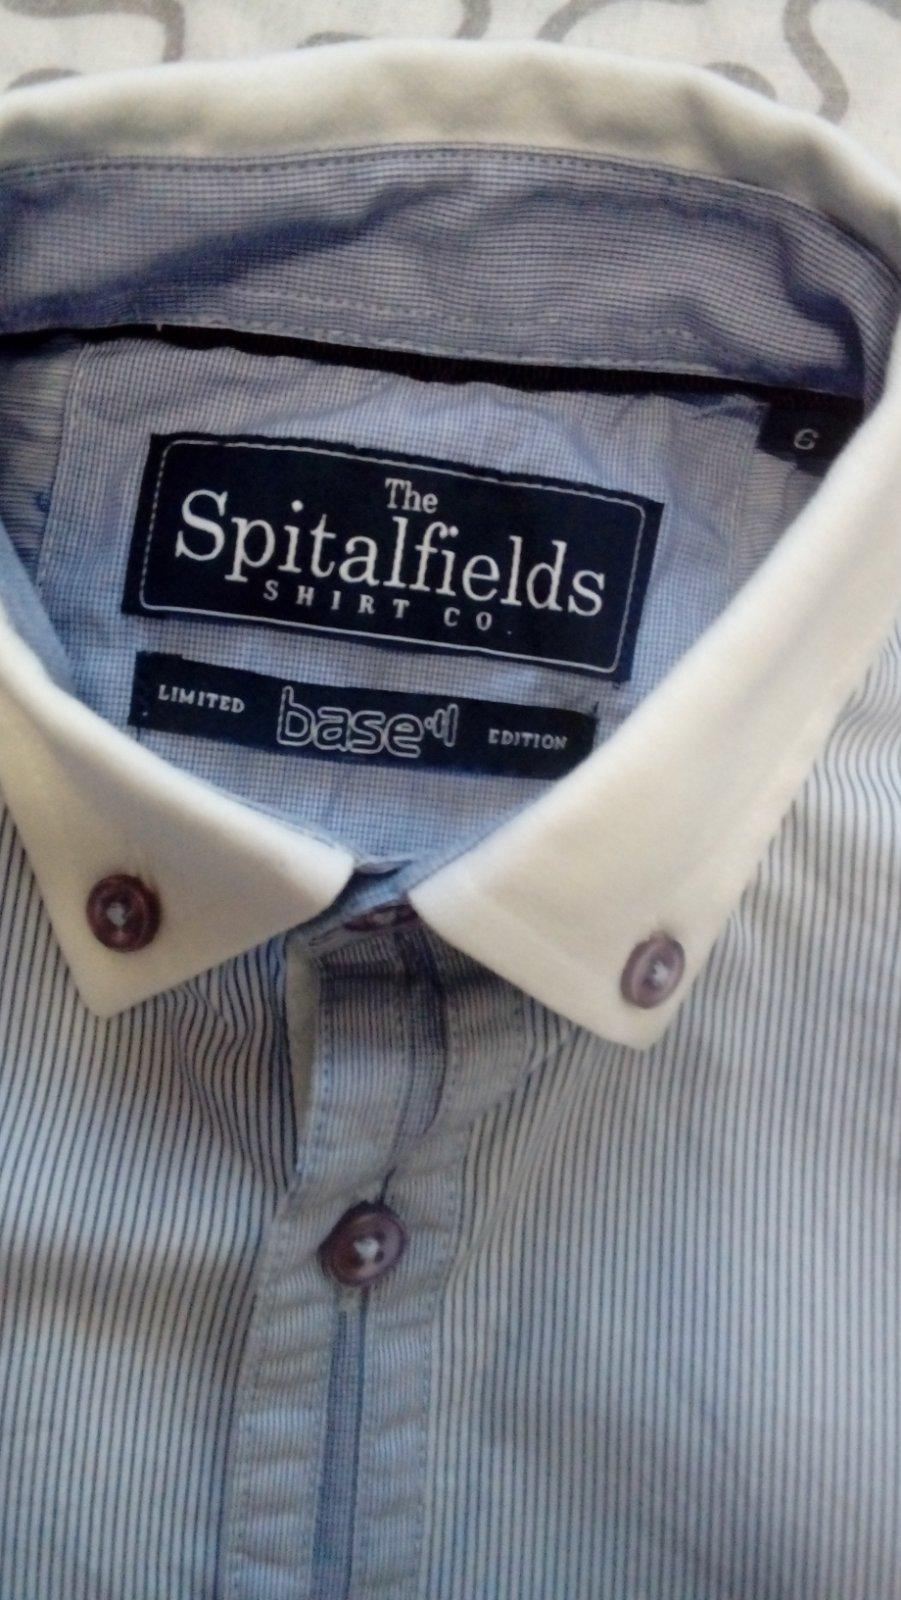 b1f5539ccda5 Značková košela spitalfields